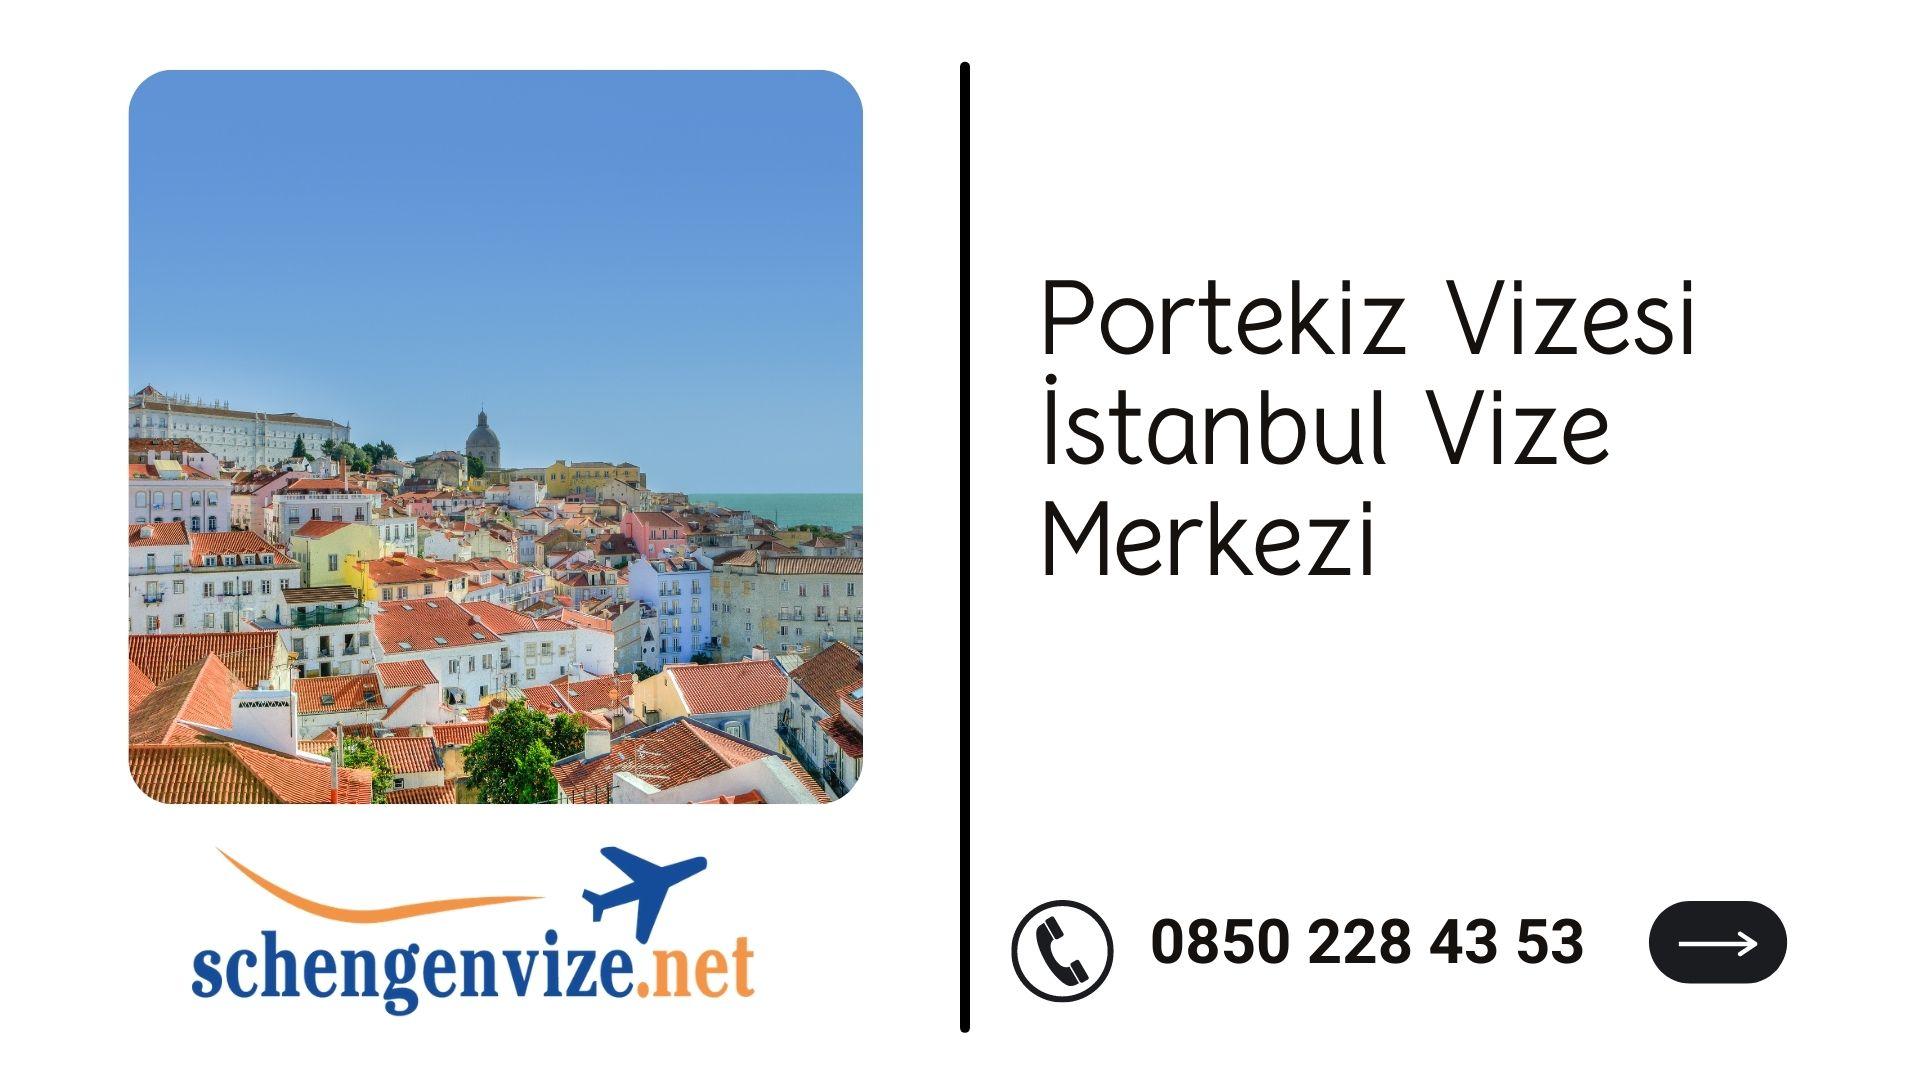 Portekiz Vizesi İstanbul Vize Merkezi